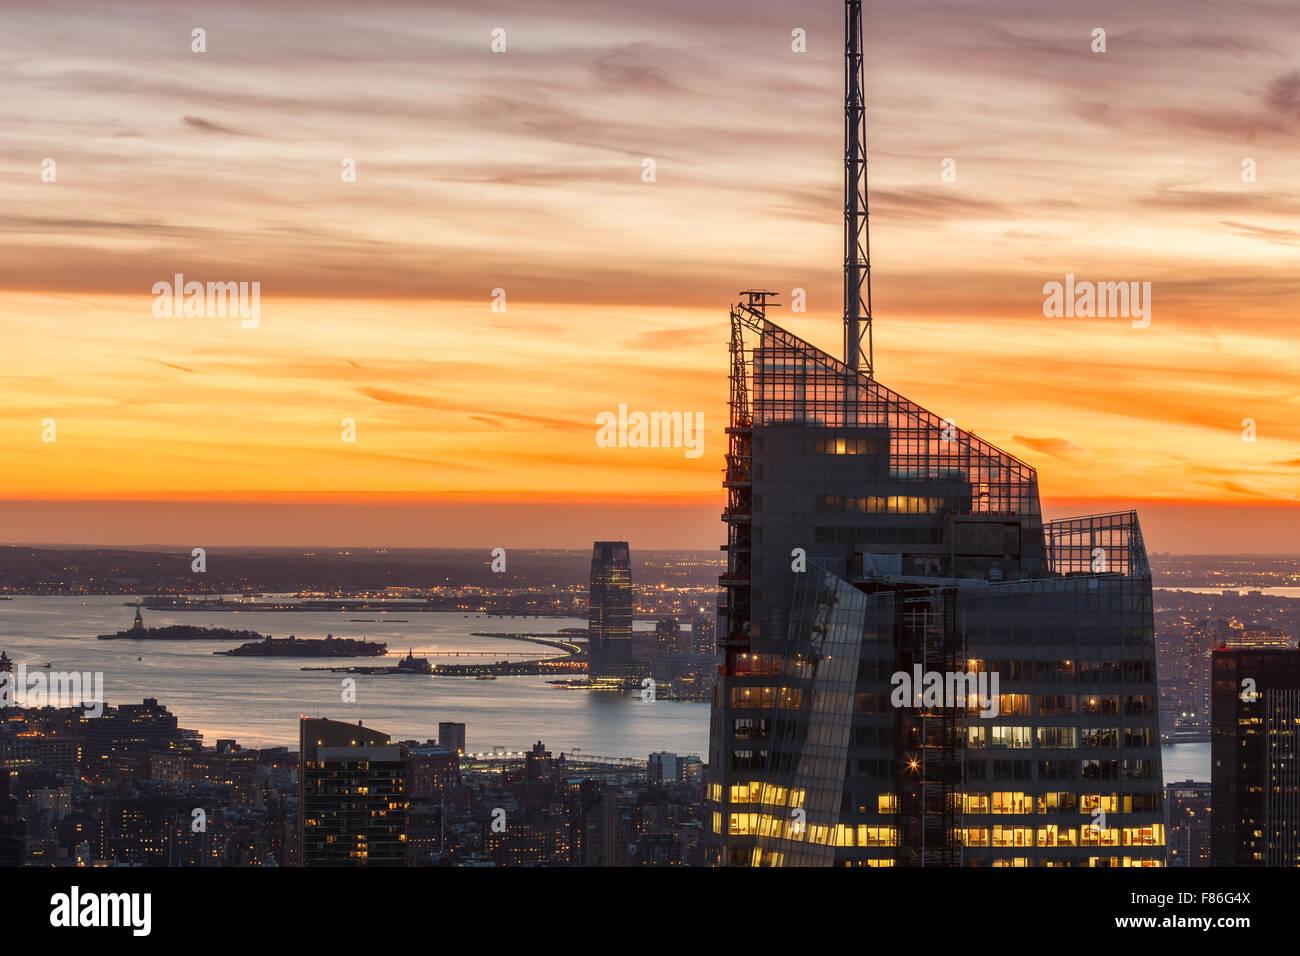 Vue aérienne de Manhattan et Bank of America Tower au coucher du soleil. La Statue de la liberté apparaît Photo Stock